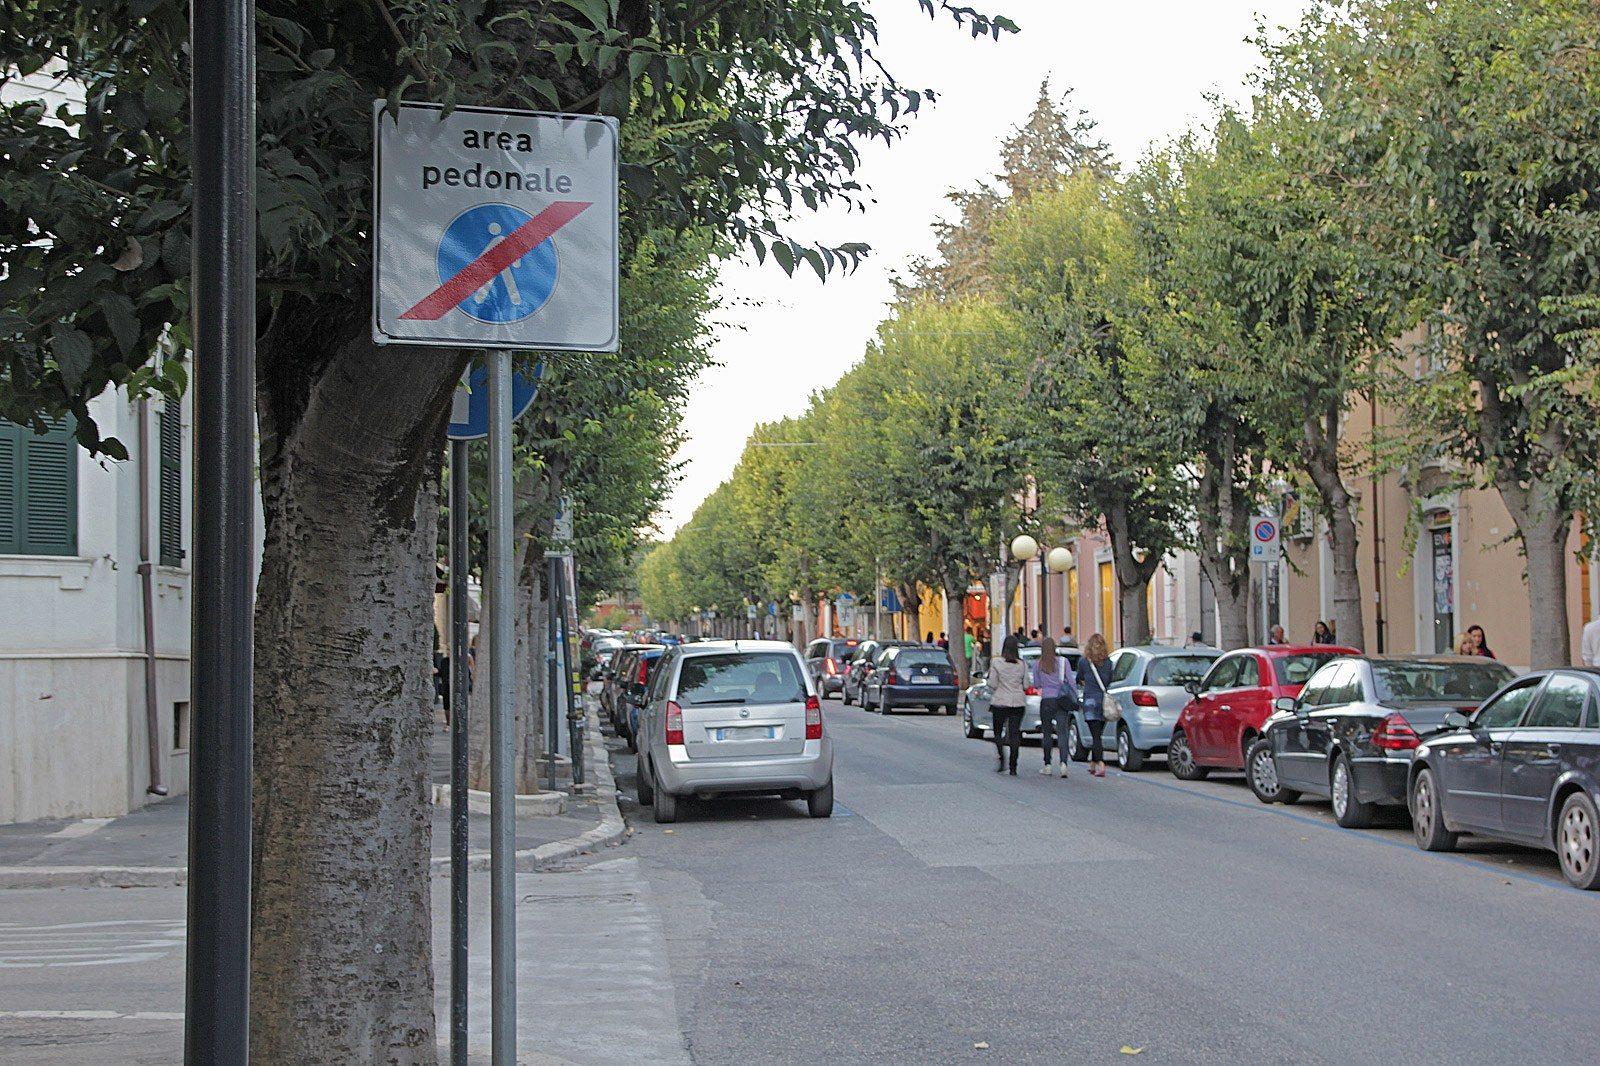 isola pedonale in centro ad Avezzano (4)